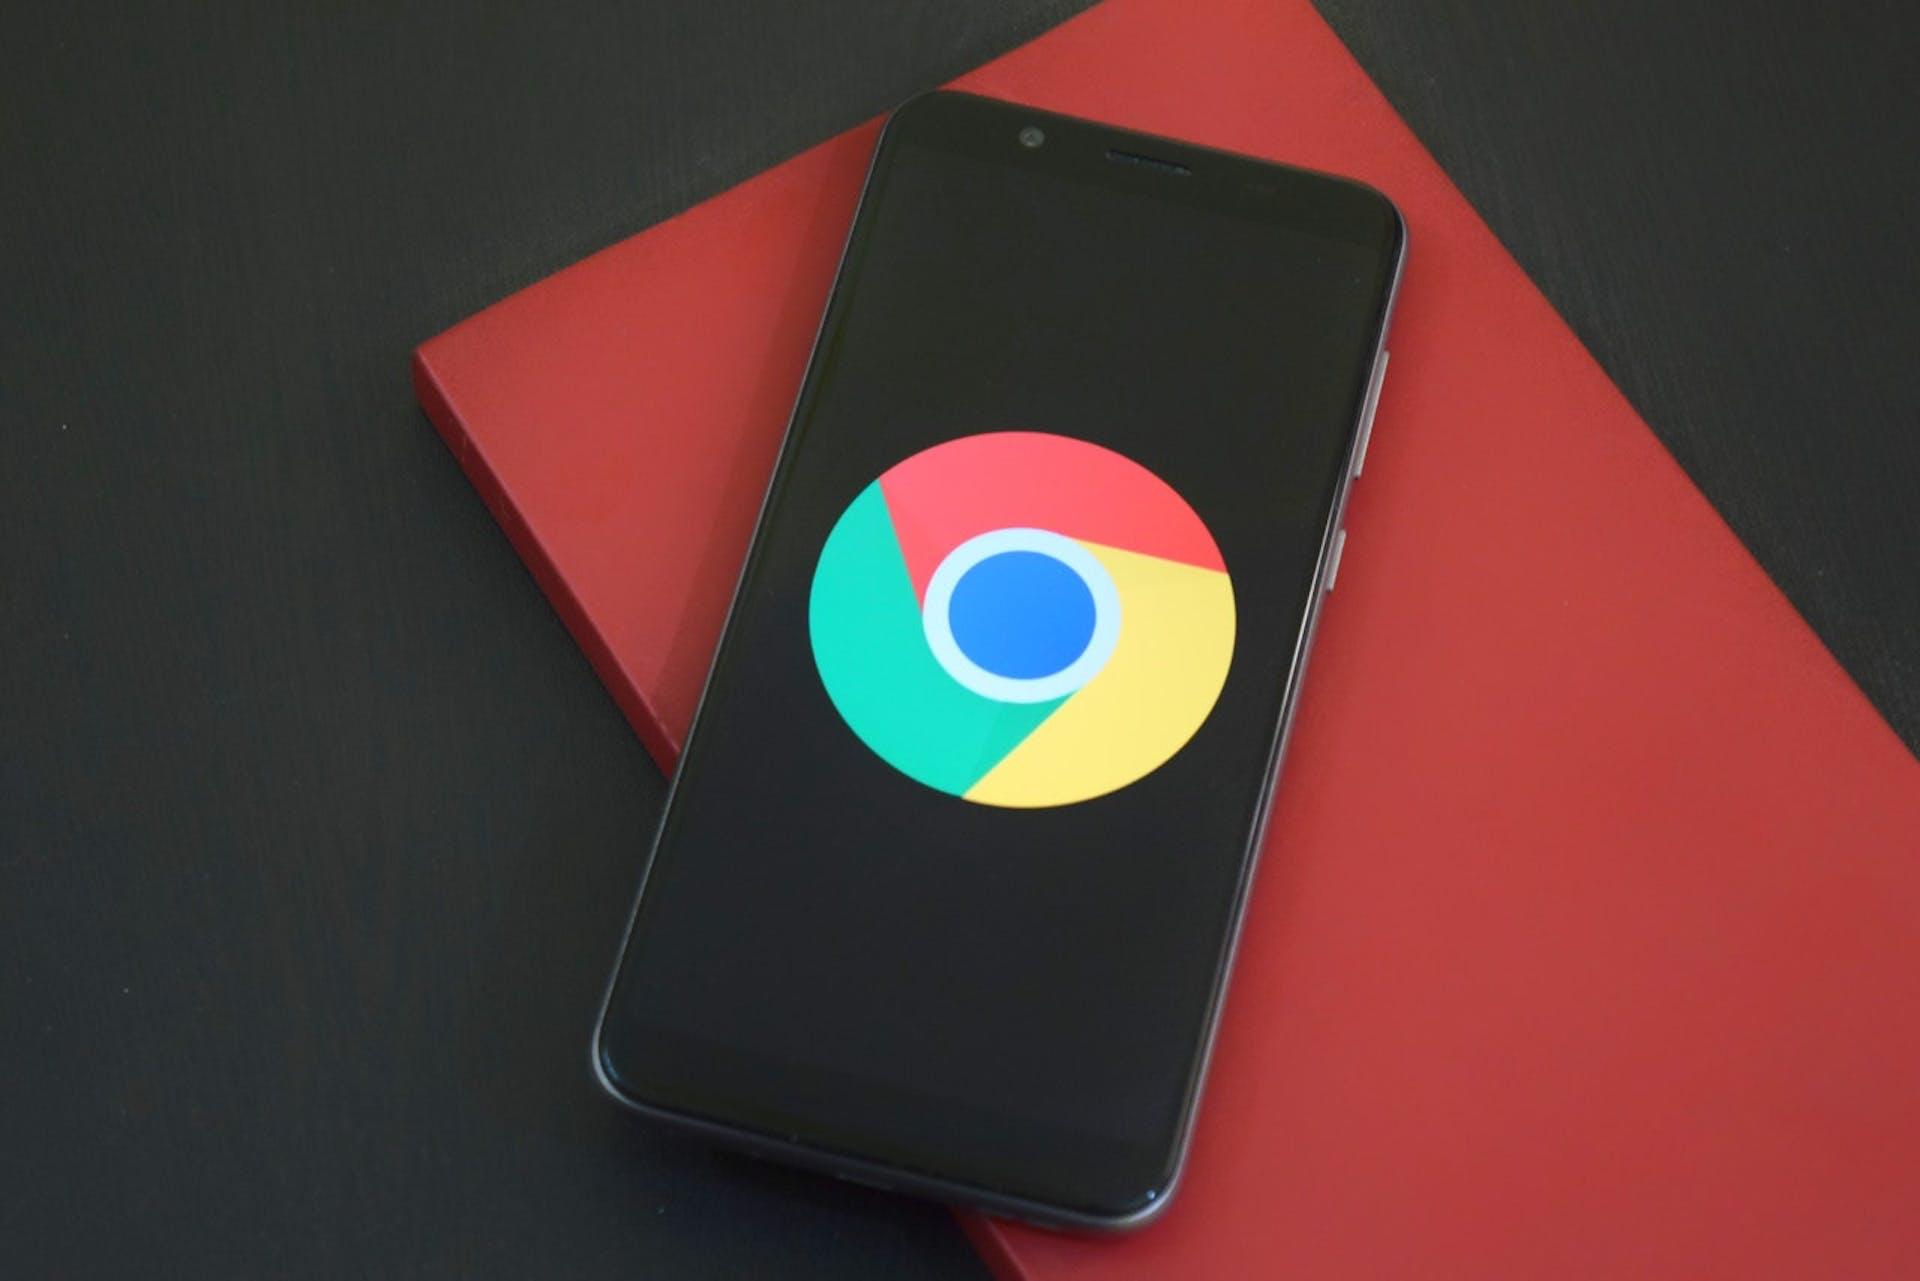 Métodos para exportar los marcadores de Chrome: ¡No te separes de tus Favs!